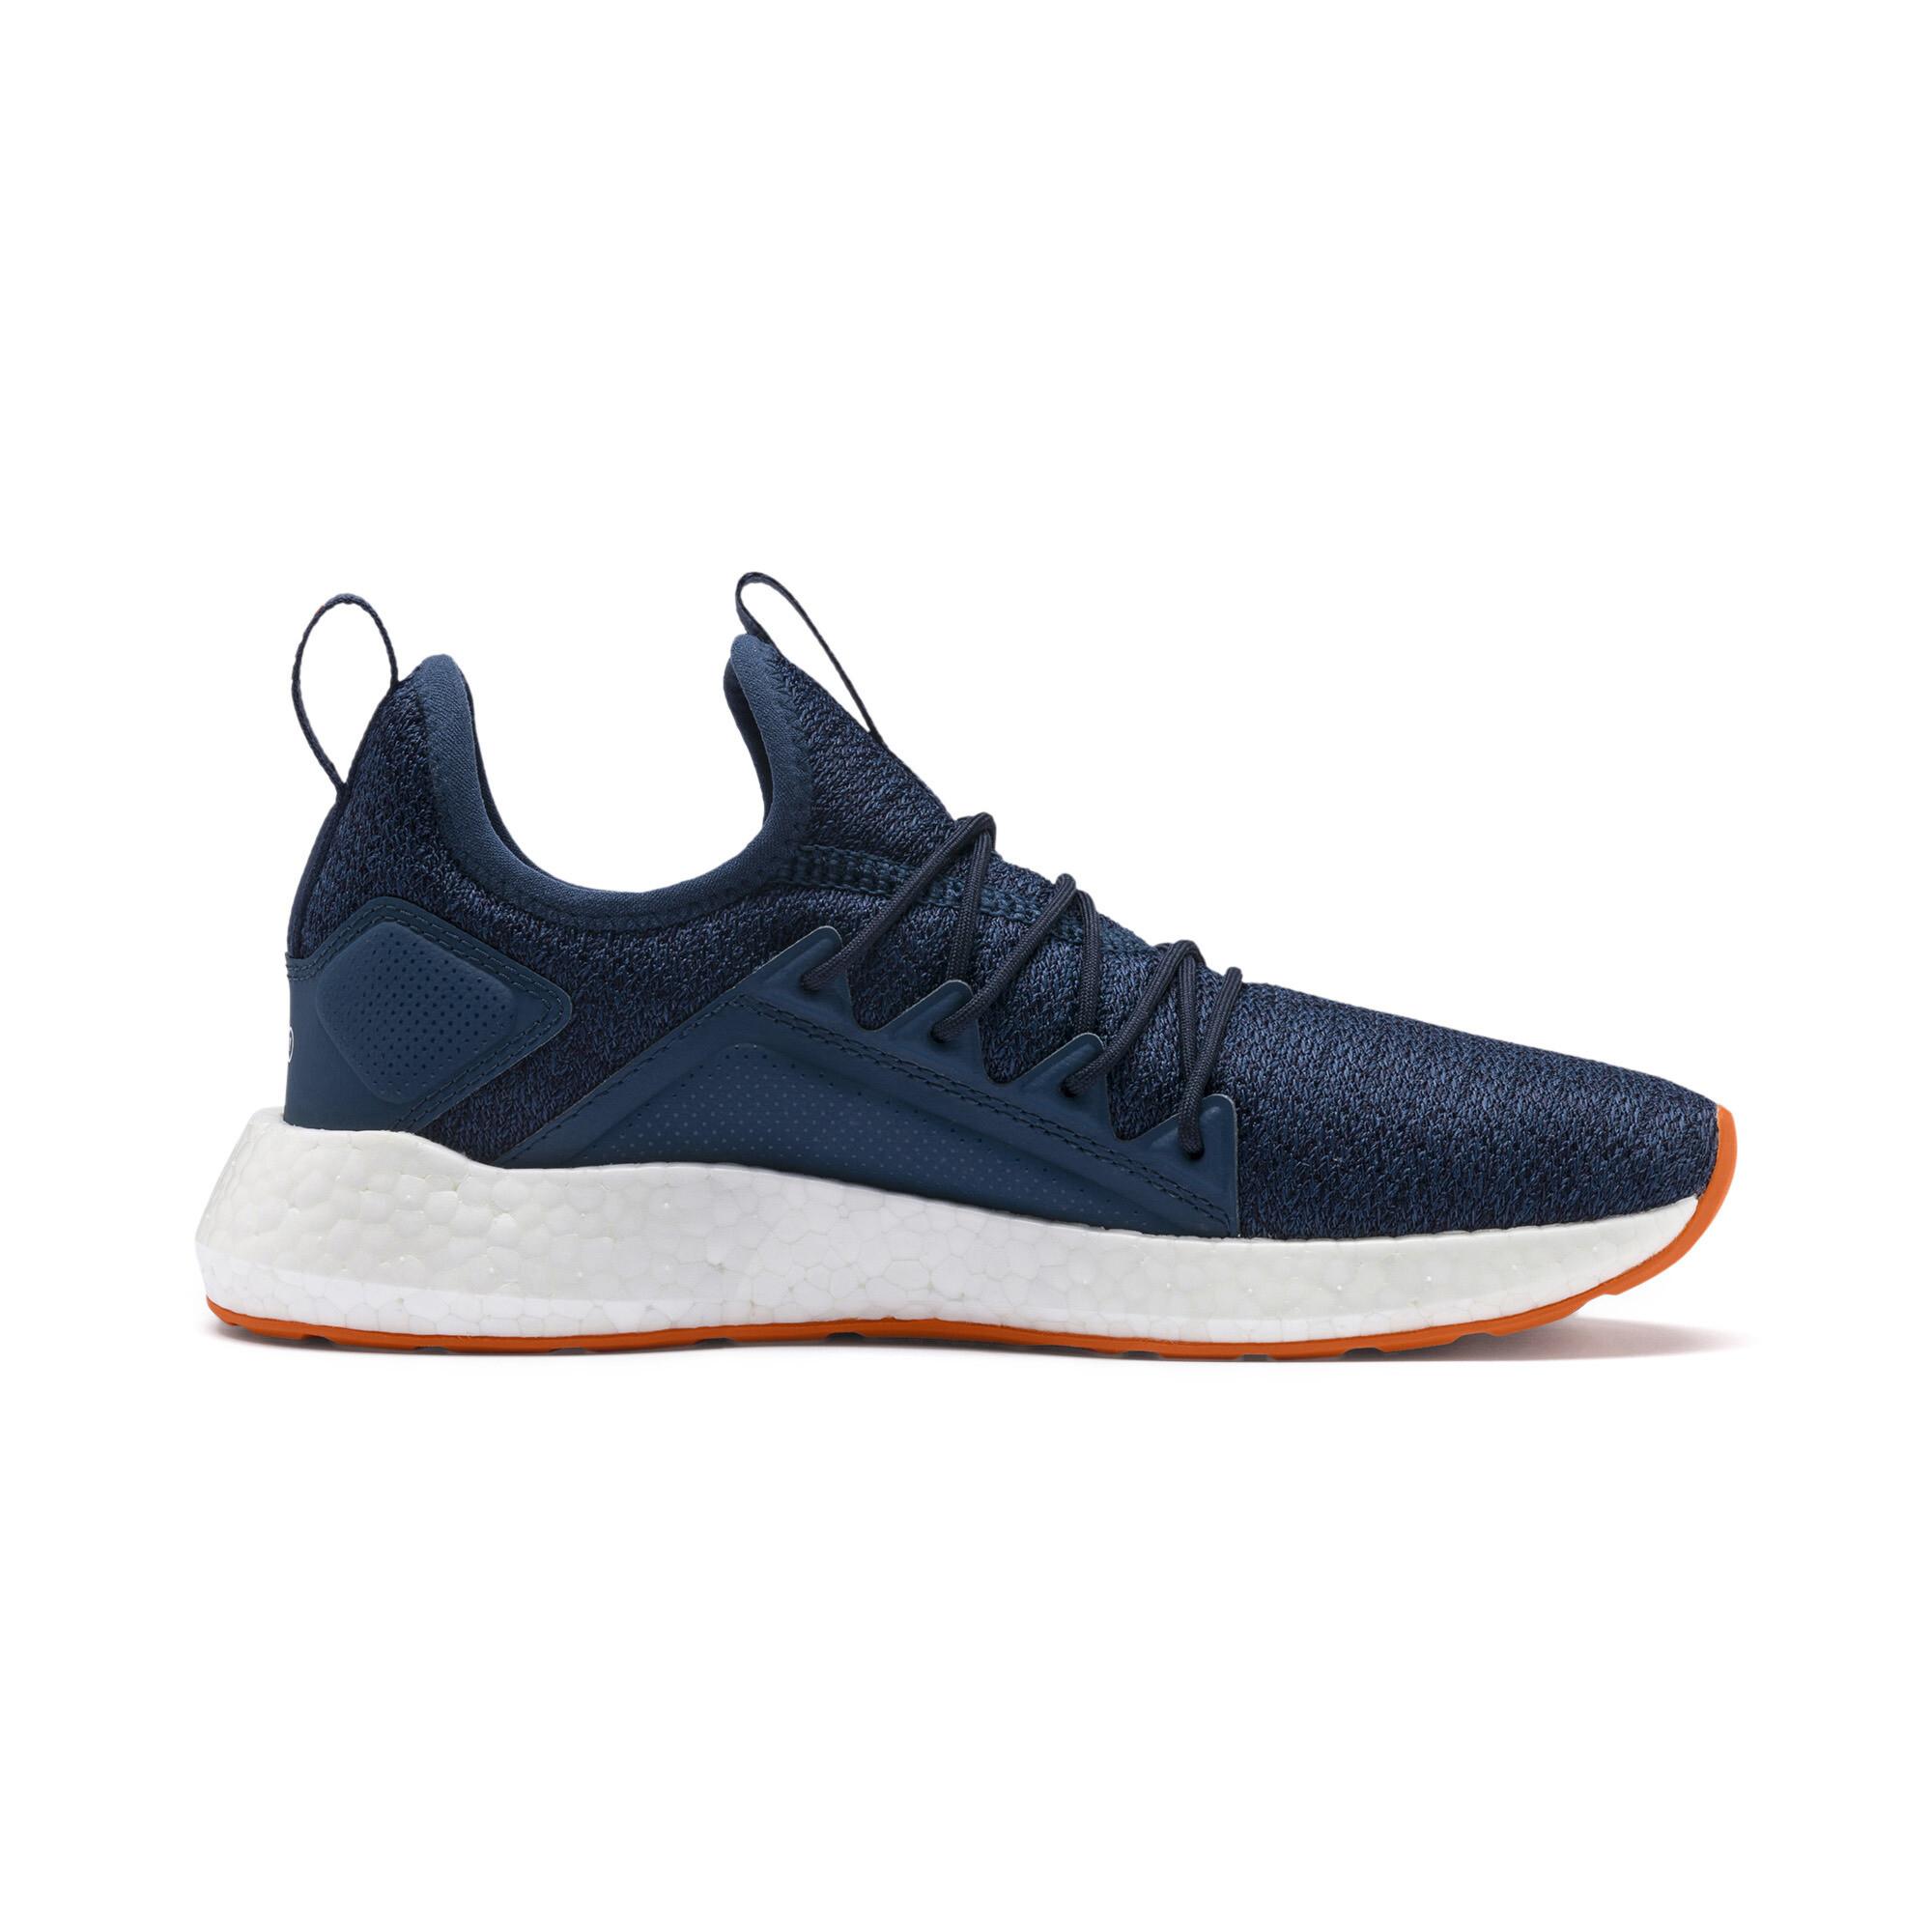 PUMA-Youth-NRGY-Neko-Knit-Running-Shoes thumbnail 6